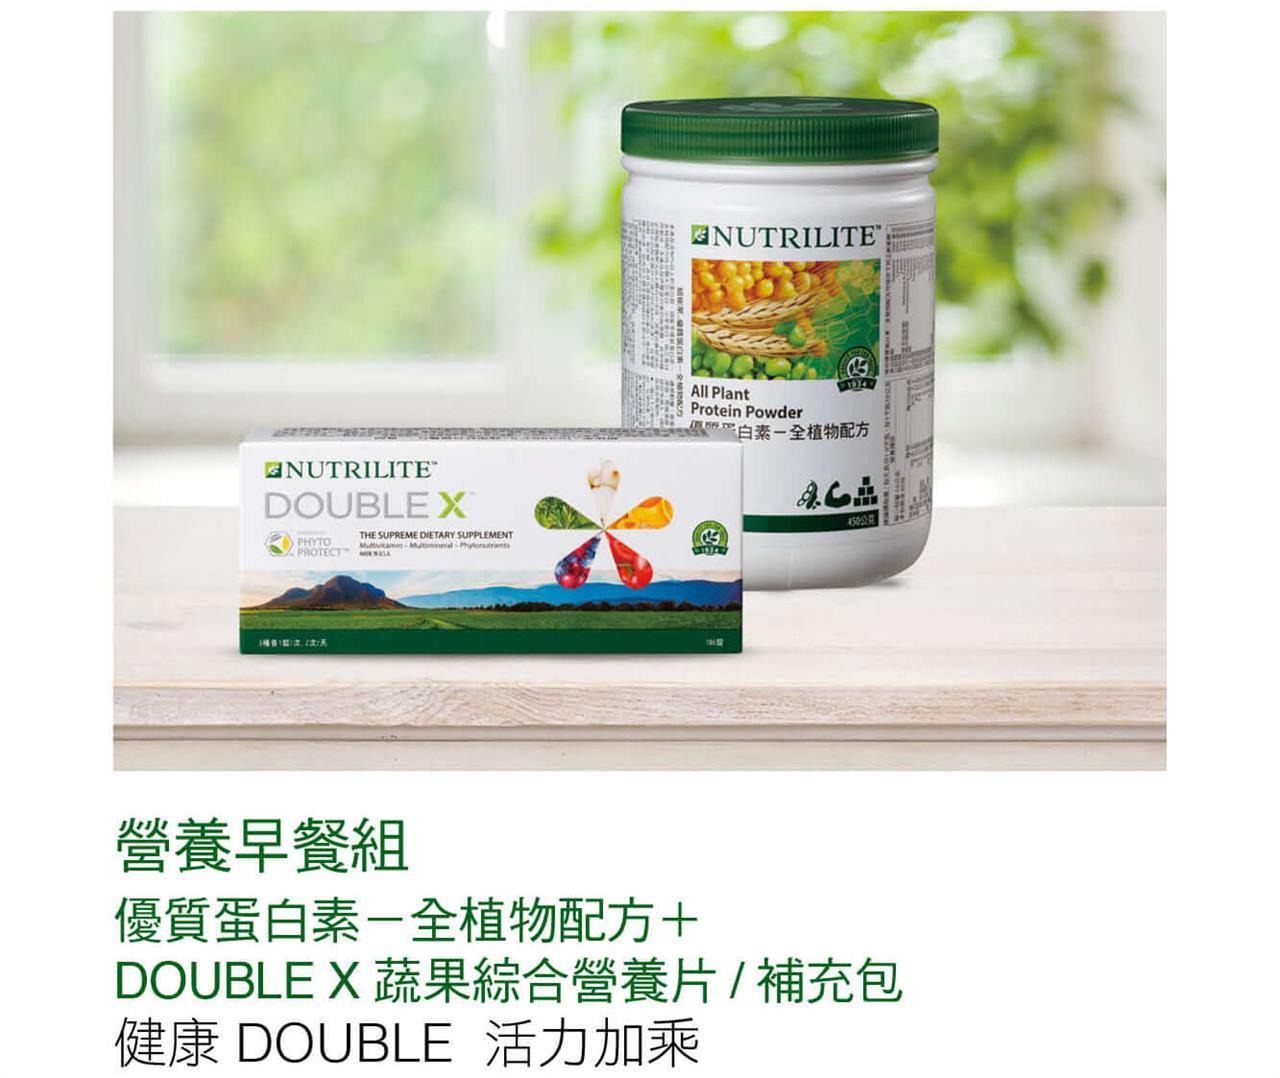 營養早餐組 優質蛋白素-全植物配方+DOUBLE X蔬果綜合營養片/補充包 健康DOUBLE  活力加乘